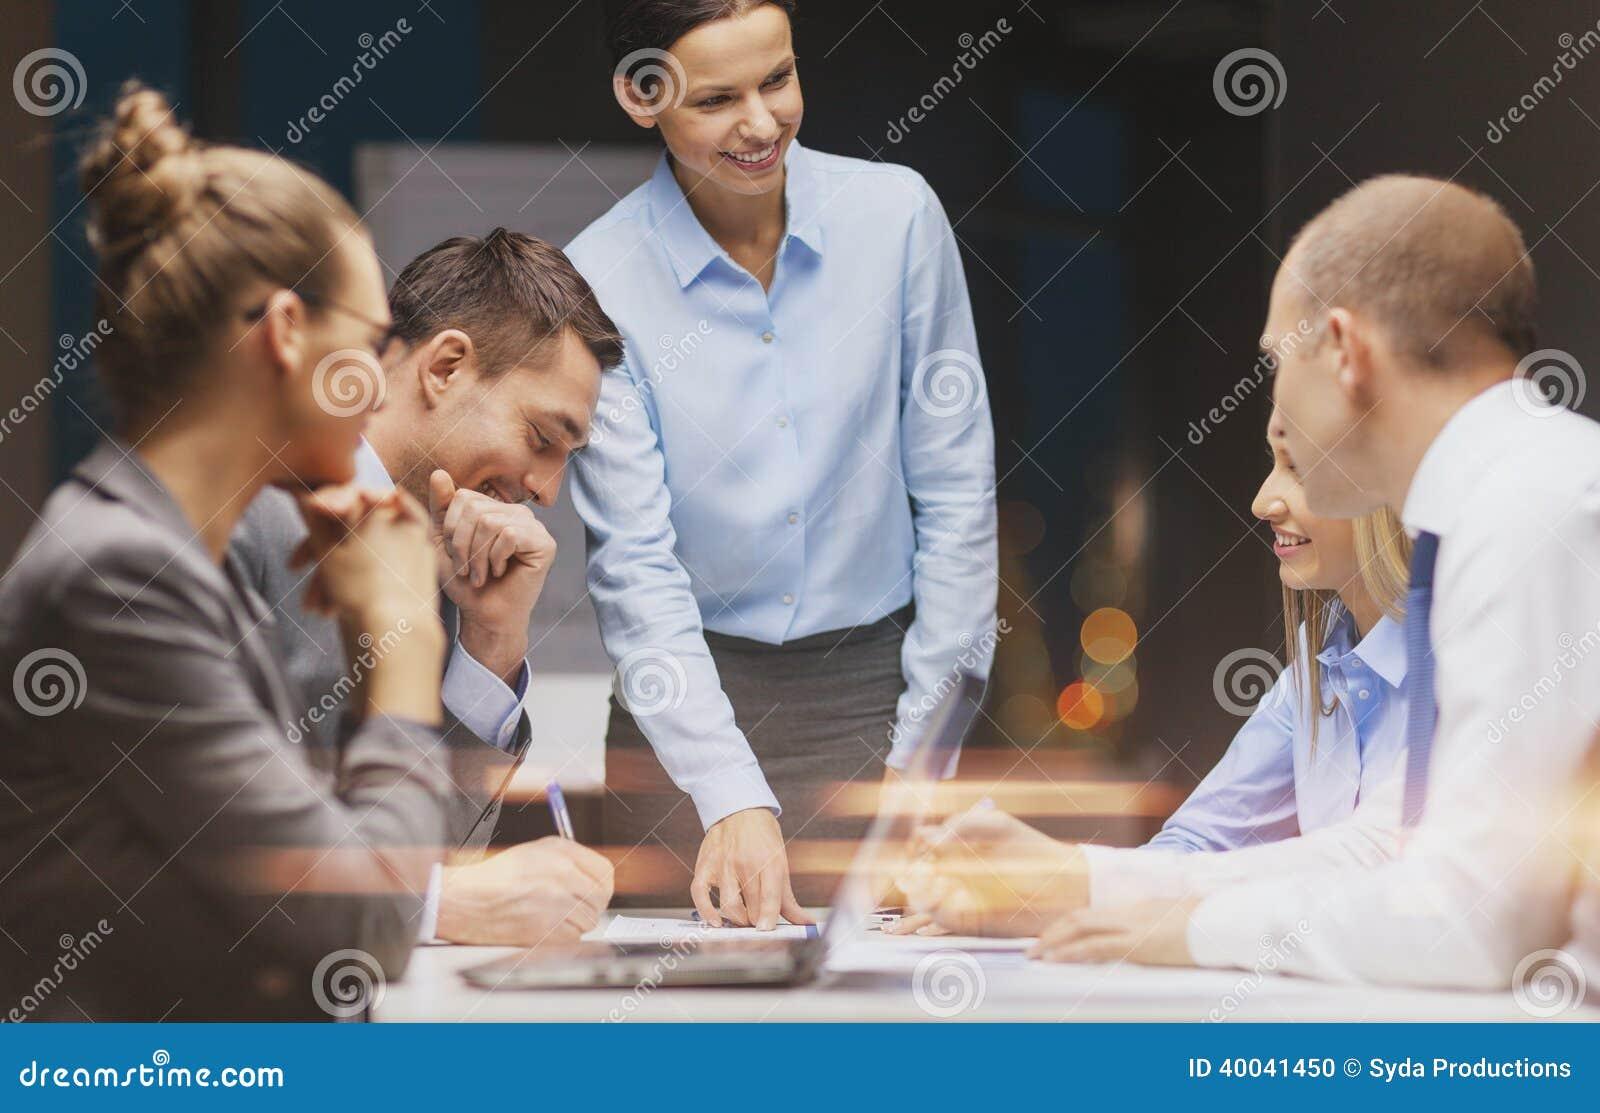 Capo femminile sorridente che parla con gruppo di affari